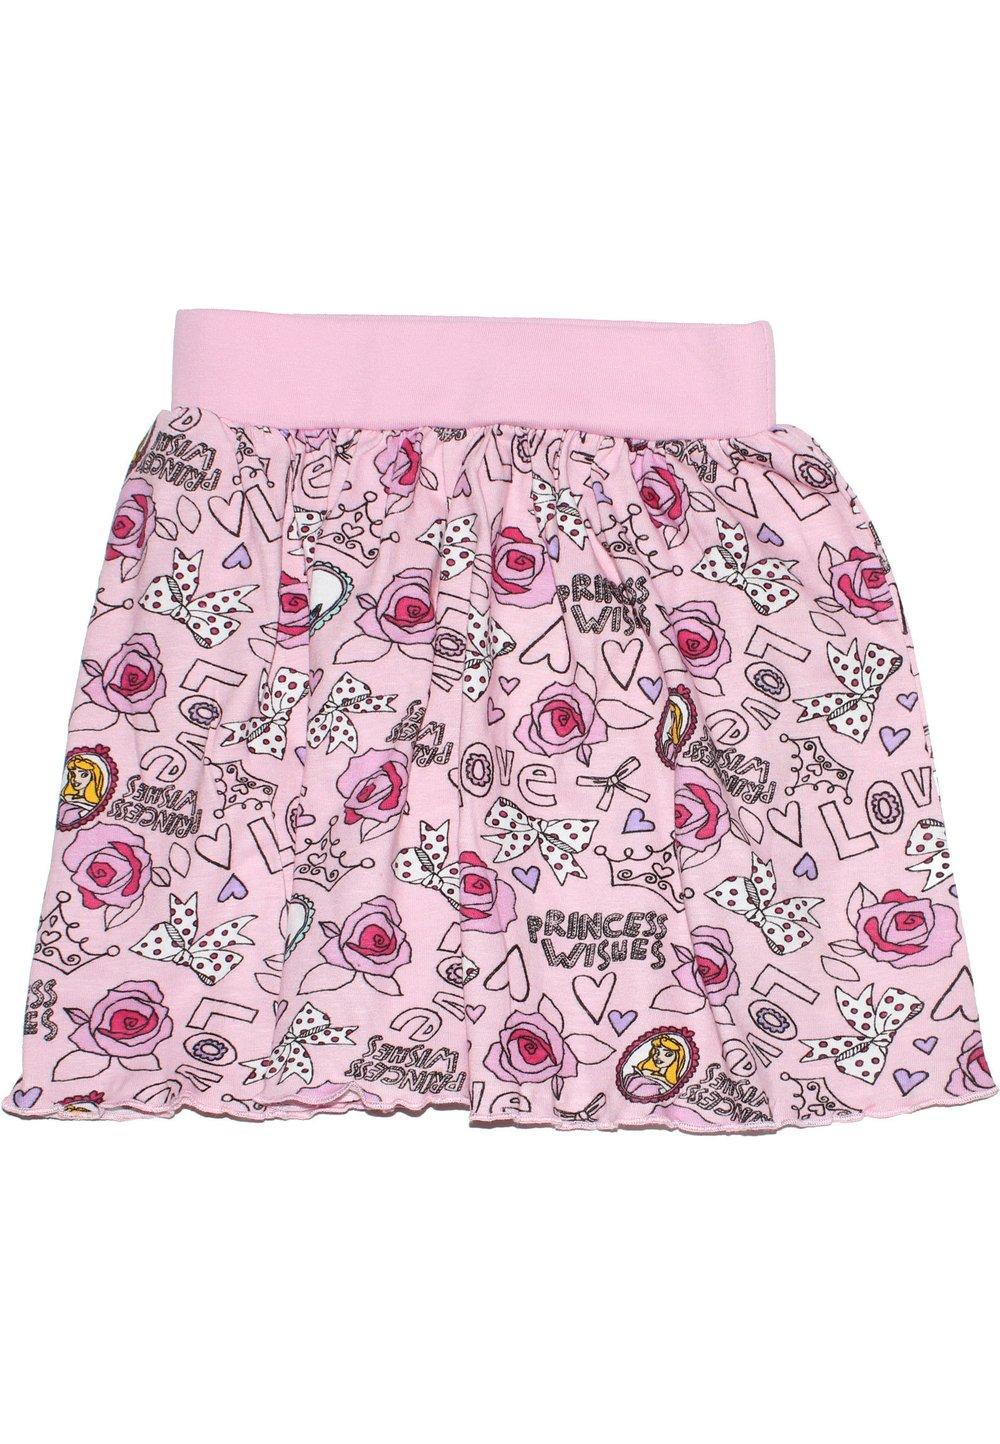 Fusta roz deschis Princess 3284 imagine